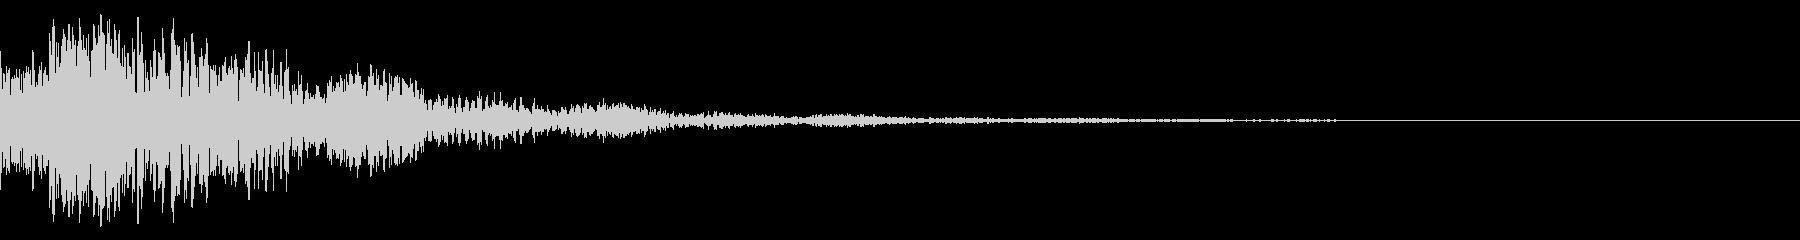 ドドン!(迫力ある太鼓と鼓の効果音)01の未再生の波形